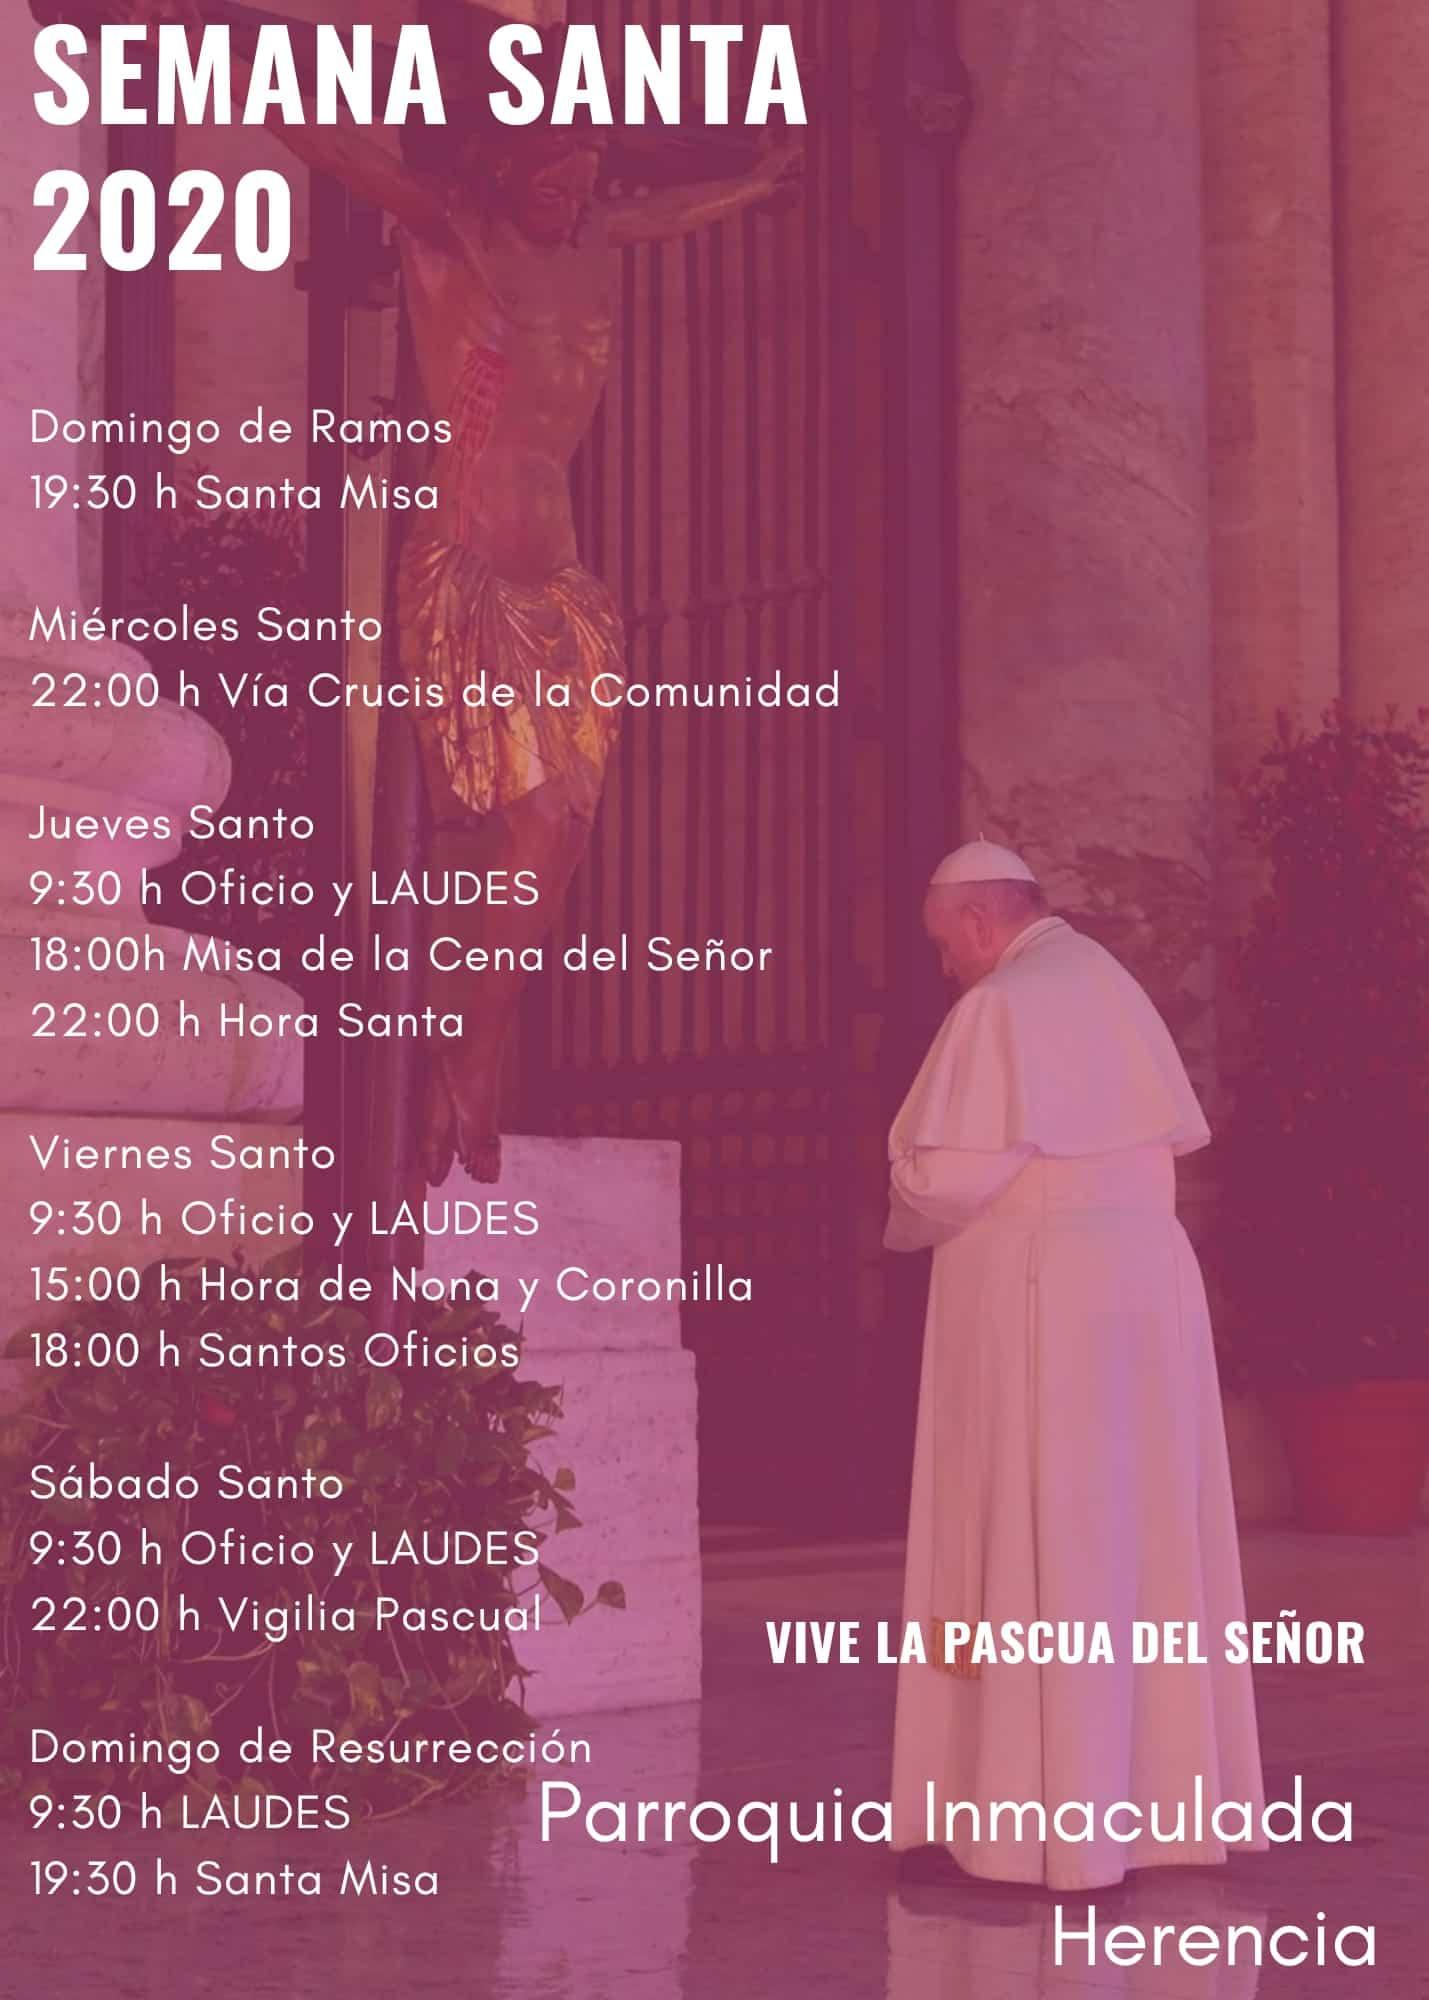 Las celebraciones de Semana Santa de la parroquia Inmaculada Concepción podrán seguirse por Facebook y Radio María 3